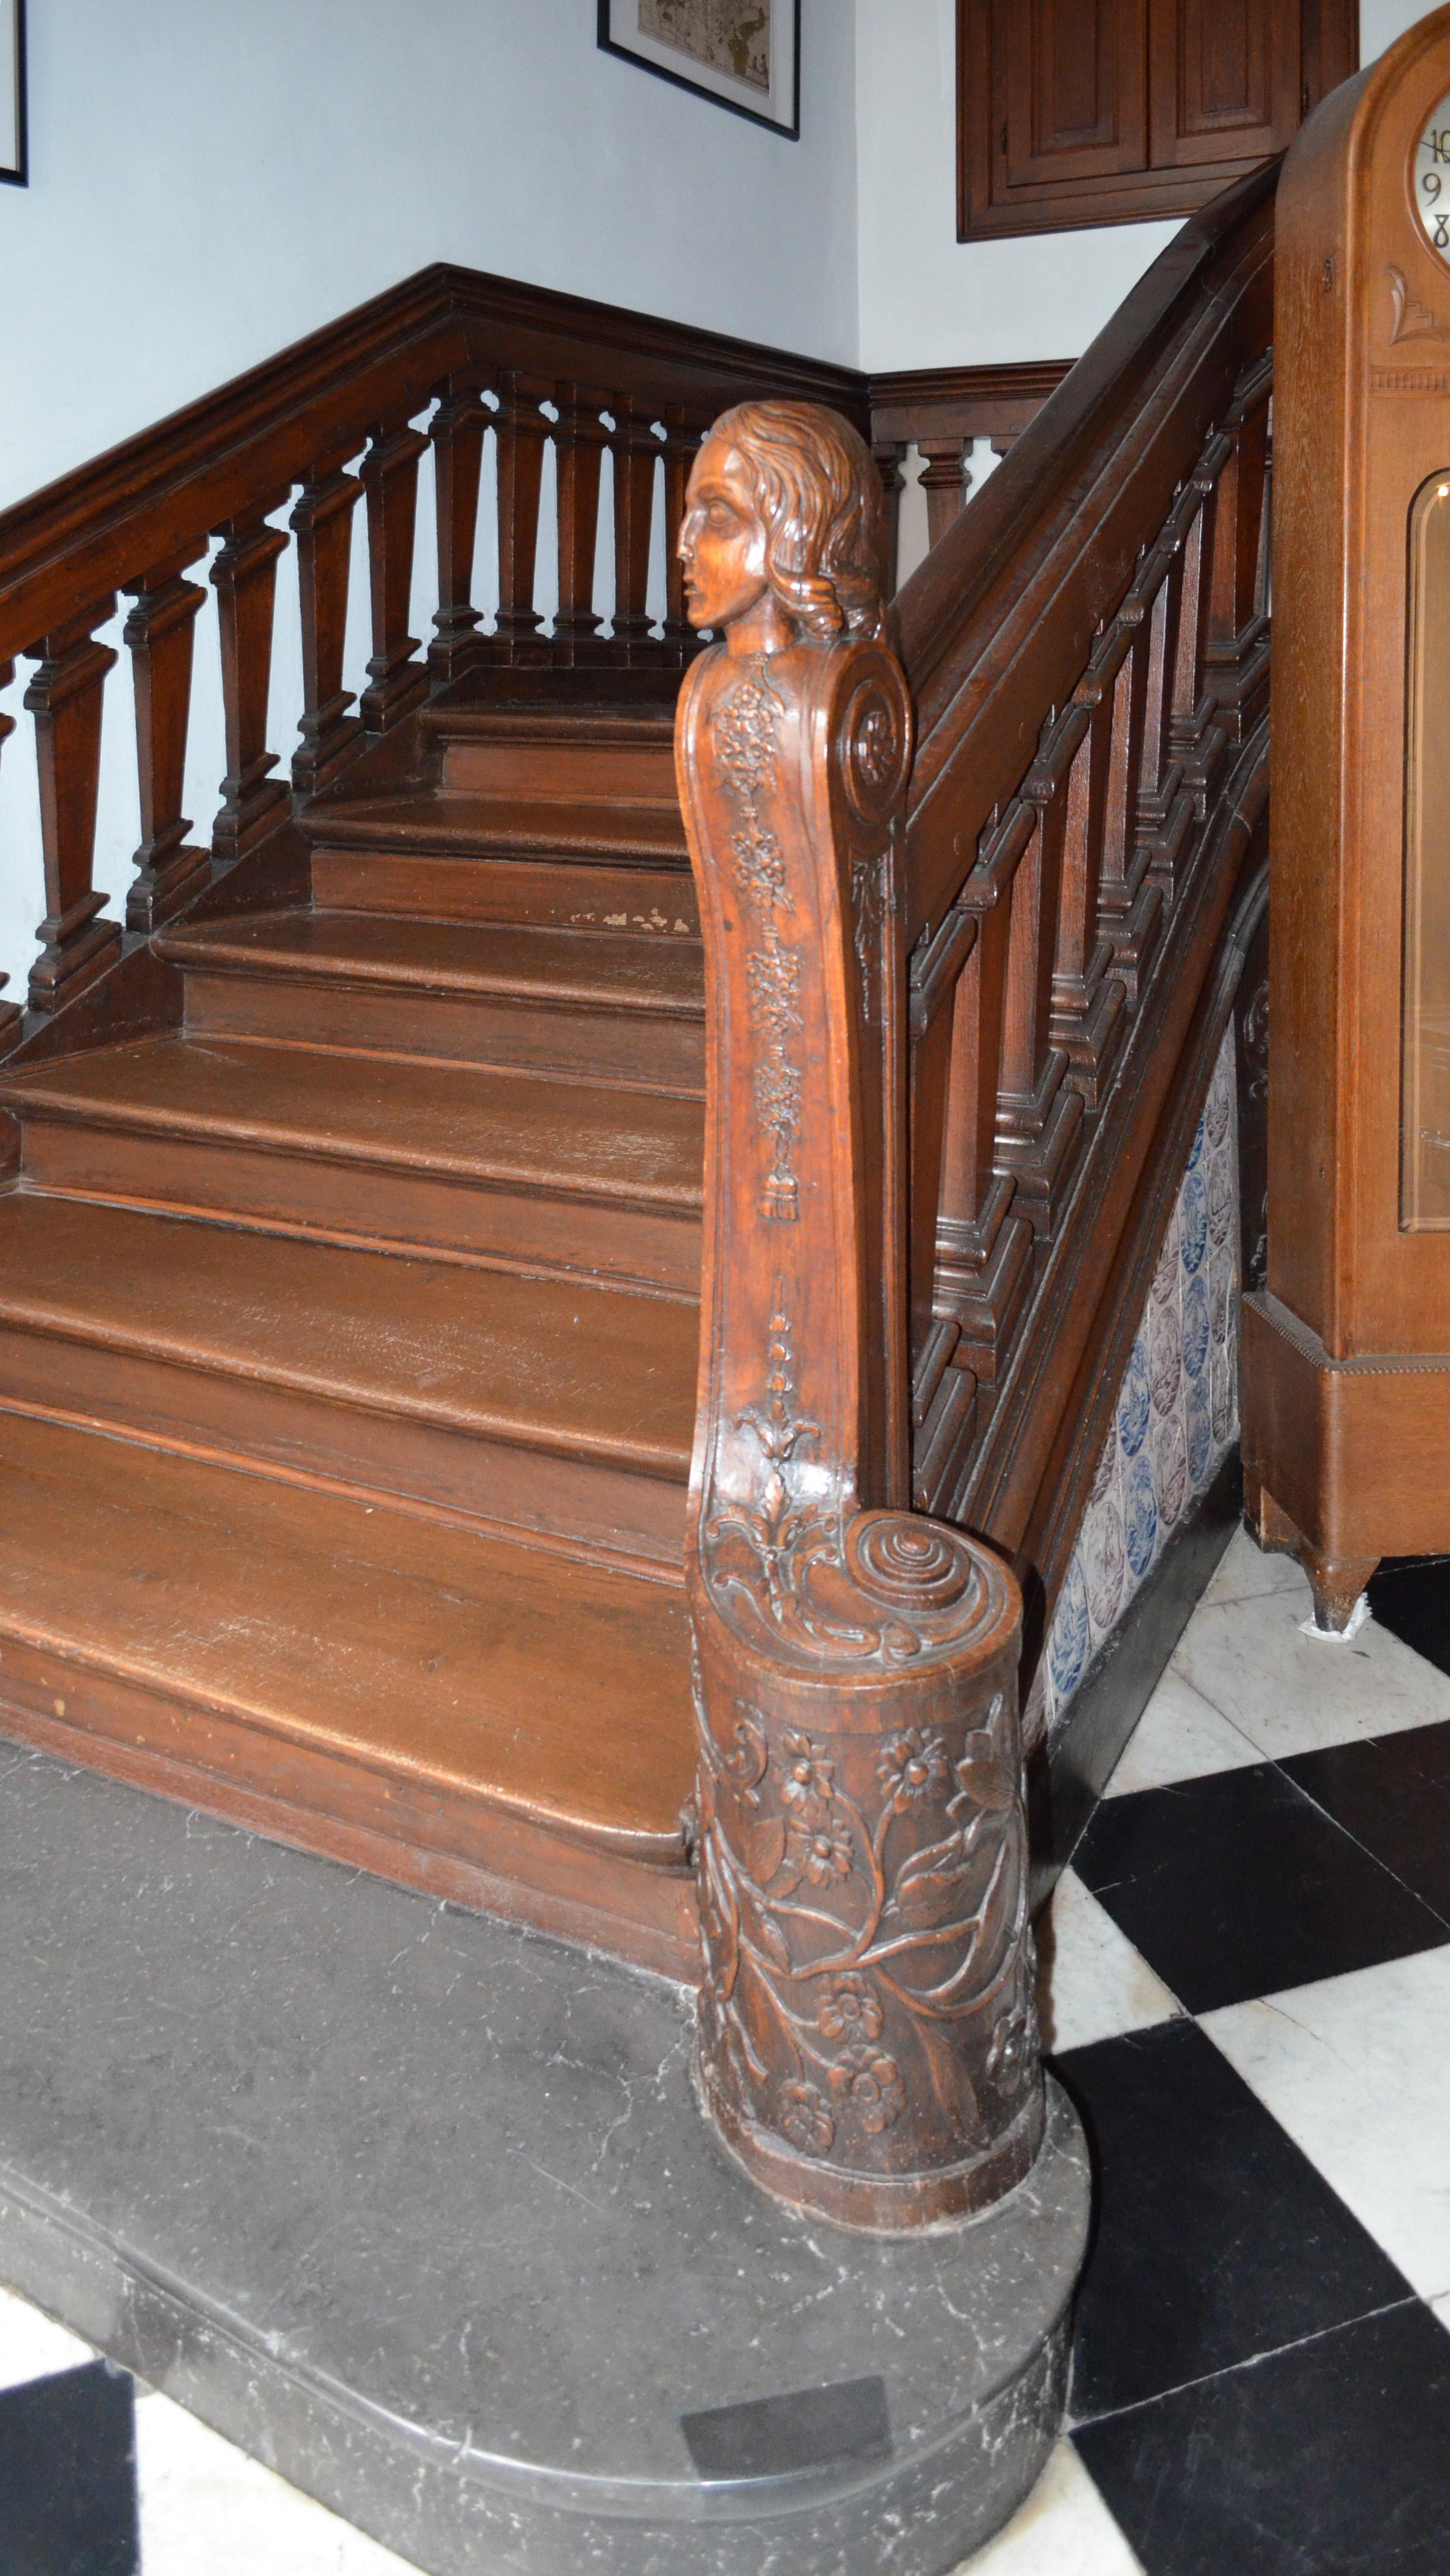 Großartig Treppen Im Haus Sammlung Von File: Rehrmann-fey 01.jpg